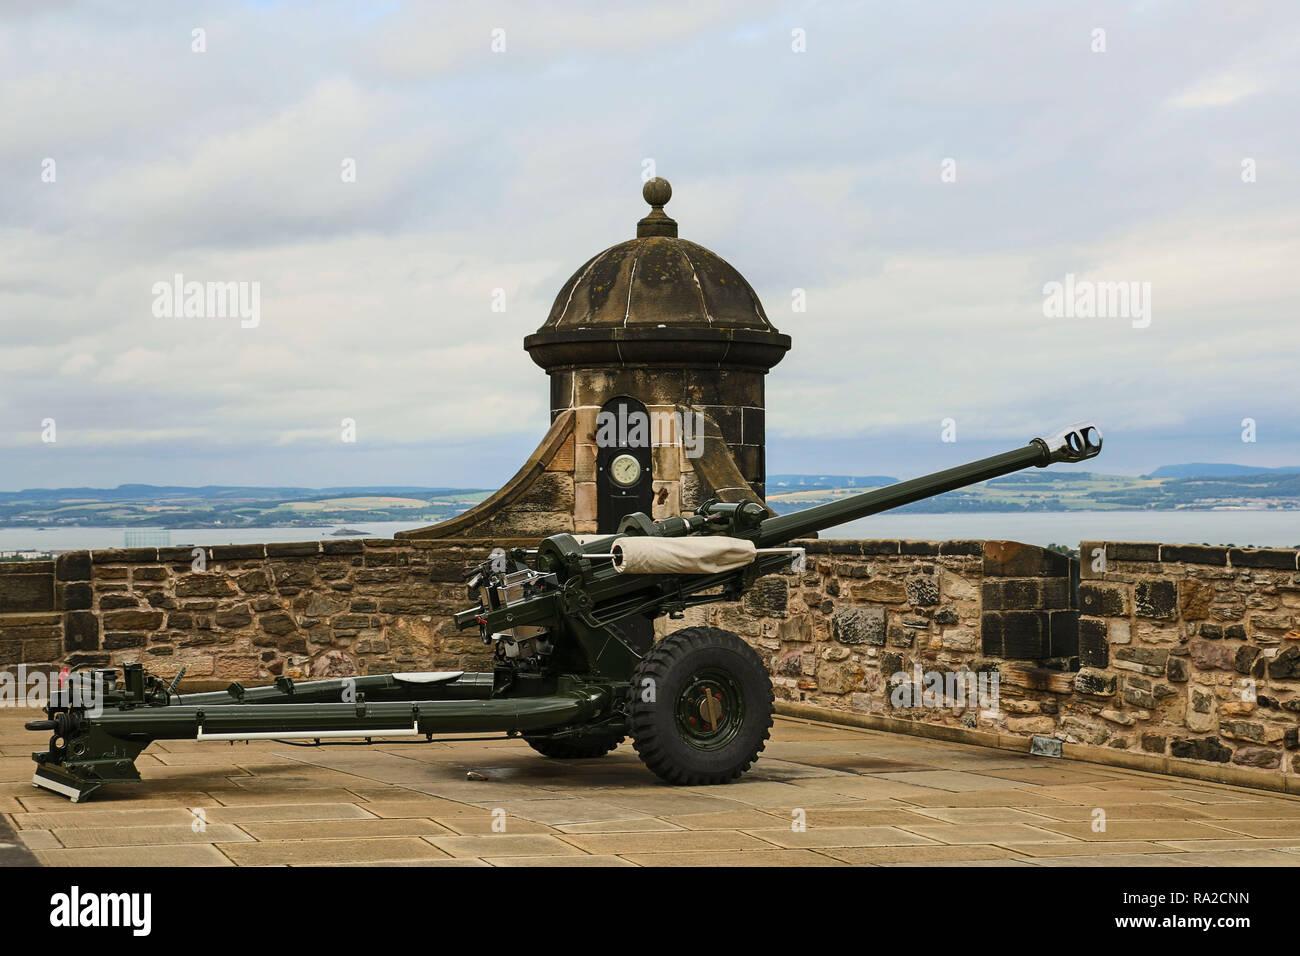 Uno o'clock cannon en el castillo de Edimburgo, Escocia. Dispara cada día exactamente a las 1:00 de la tarde Imagen De Stock